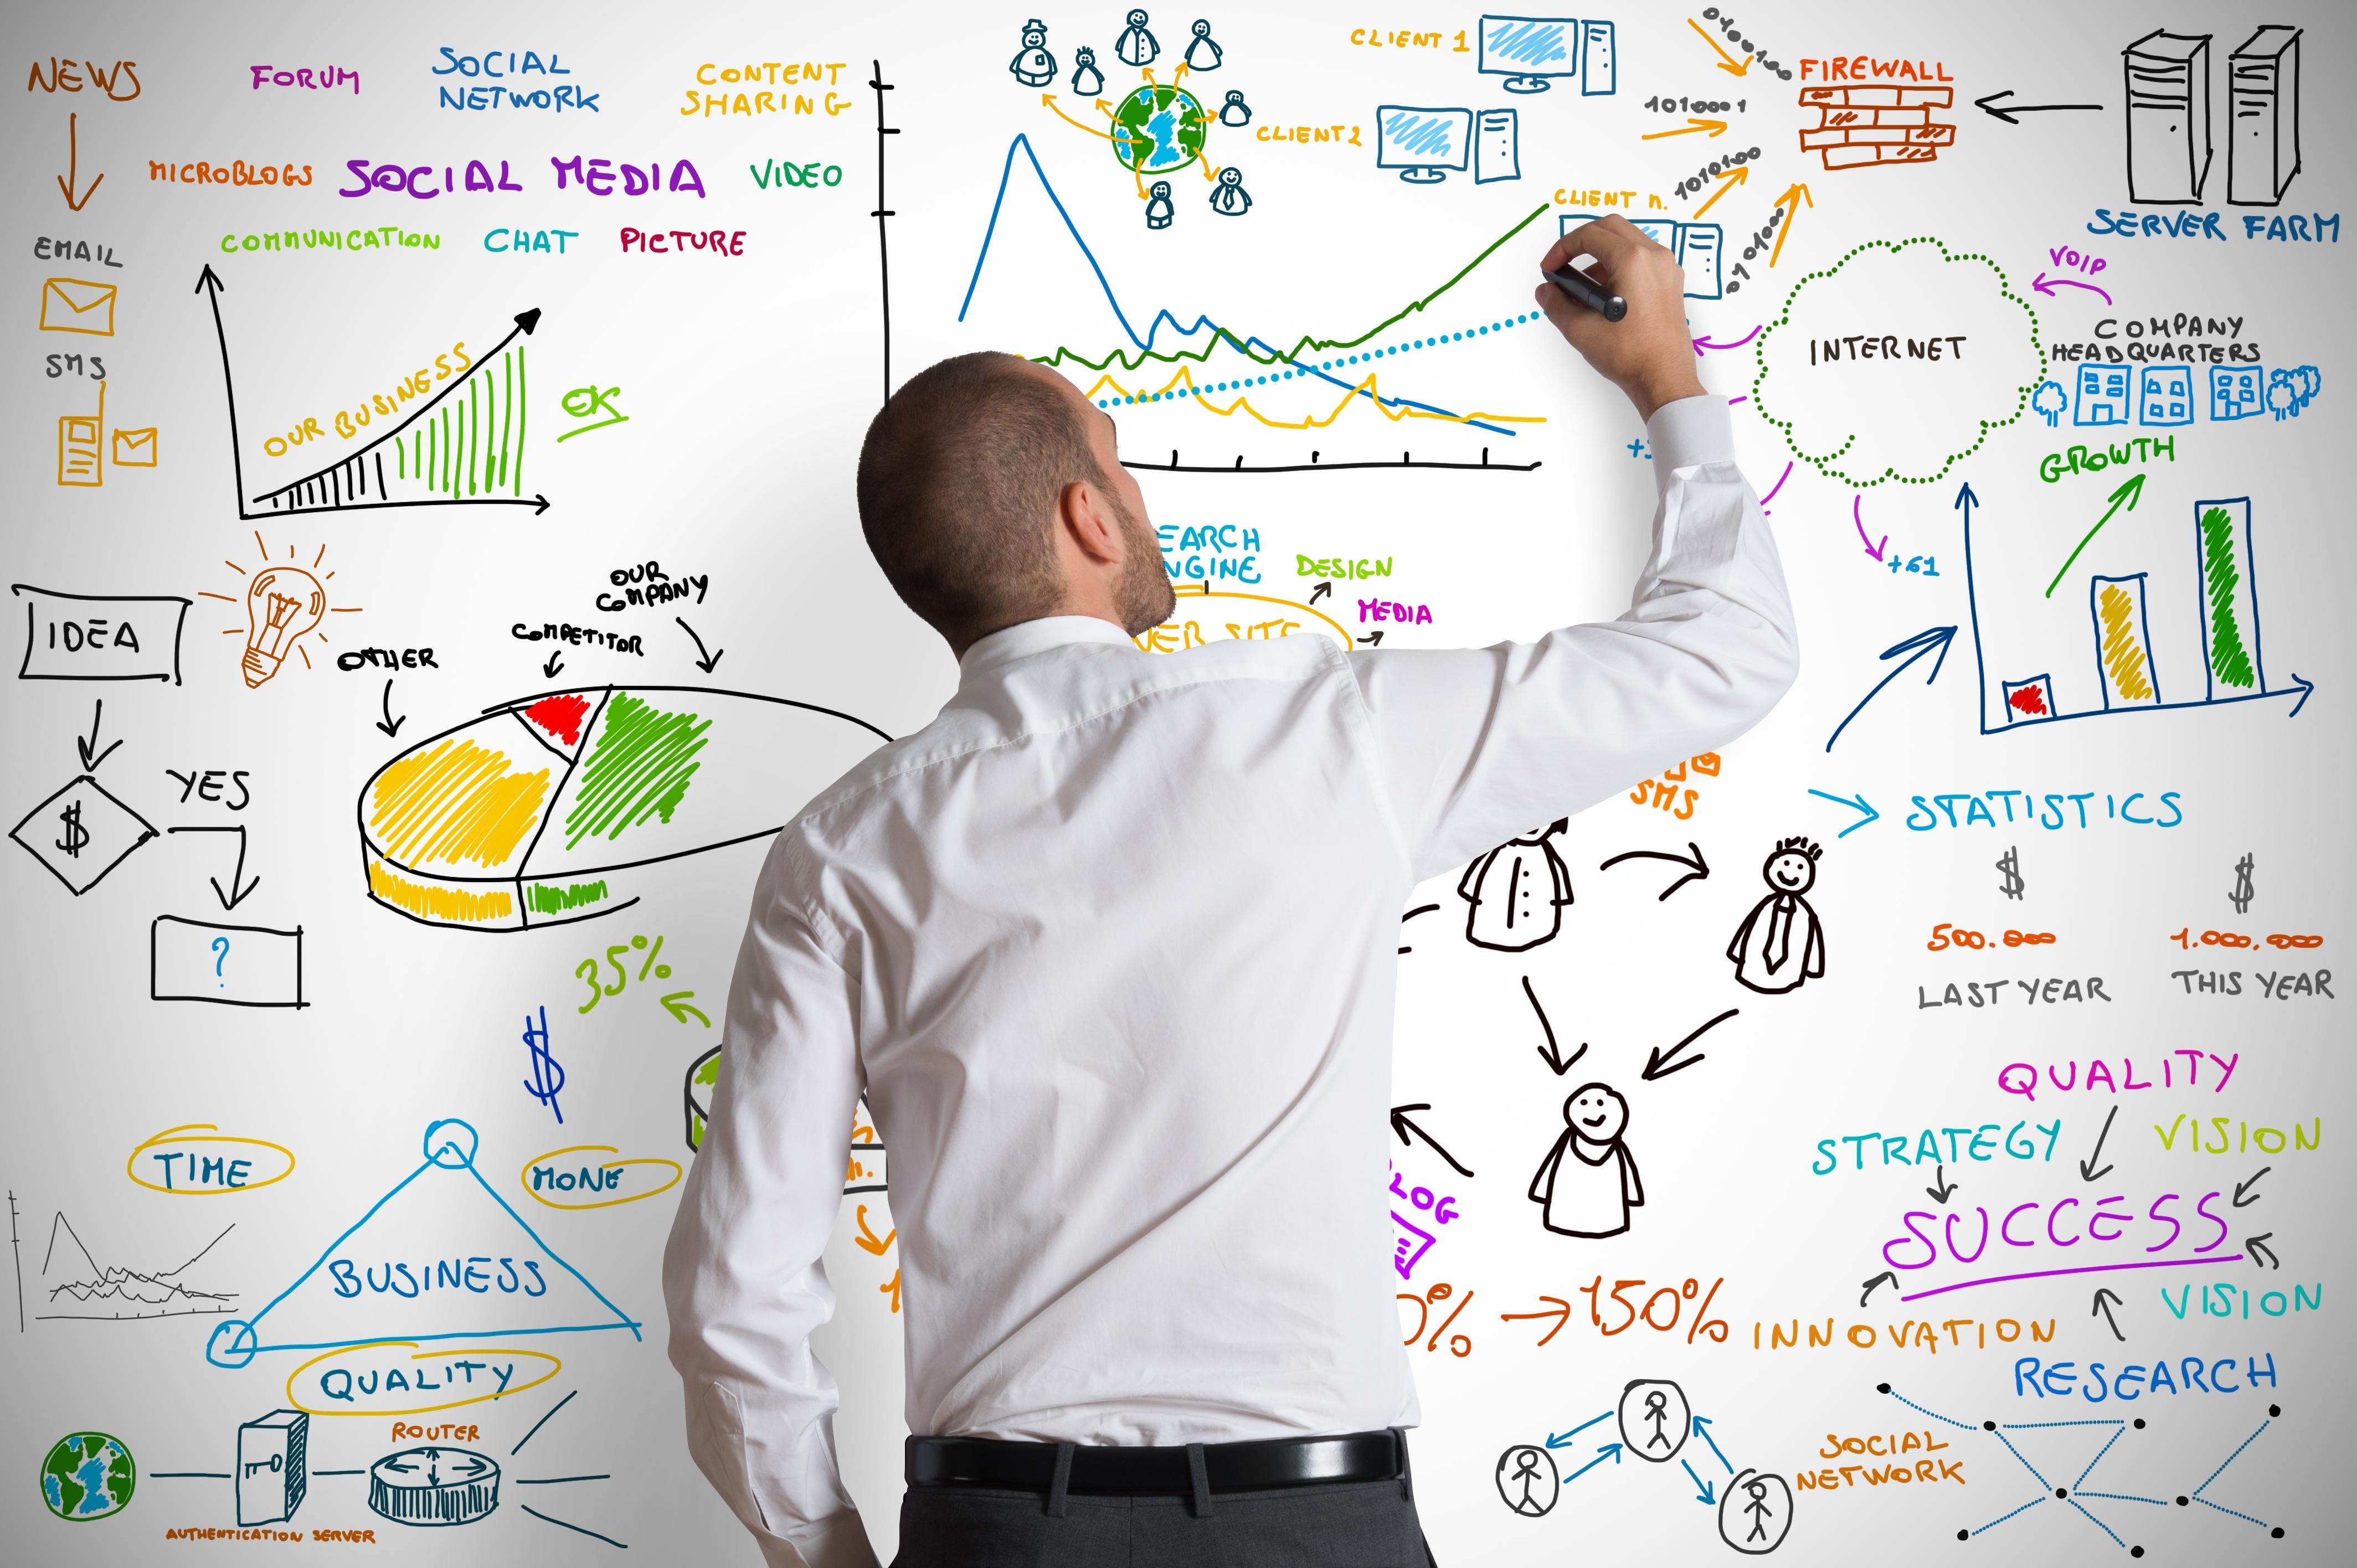 Nâng cao năng suất lao động của doanh nghiệp nhỏ từ bản thân chủ doanh nghiệp